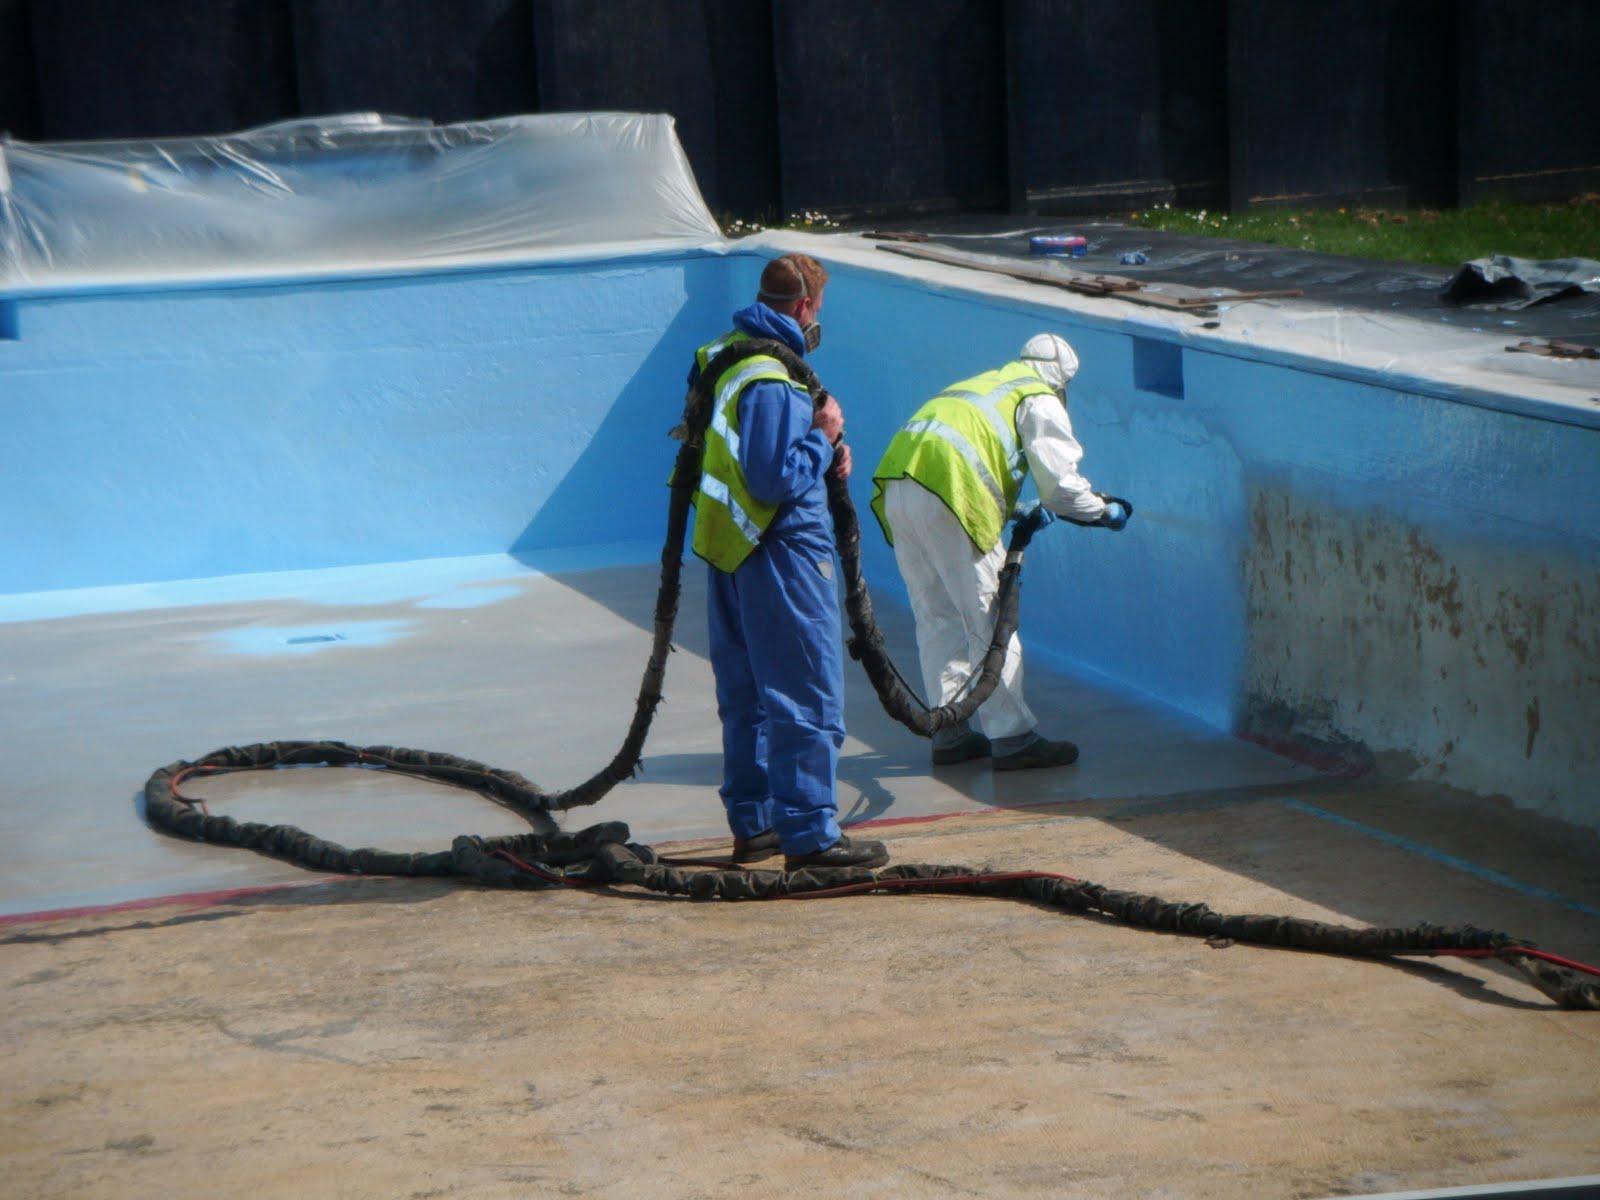 Жидкая гидроизоляция для бетона: жидкой резиной и жидким стеклом